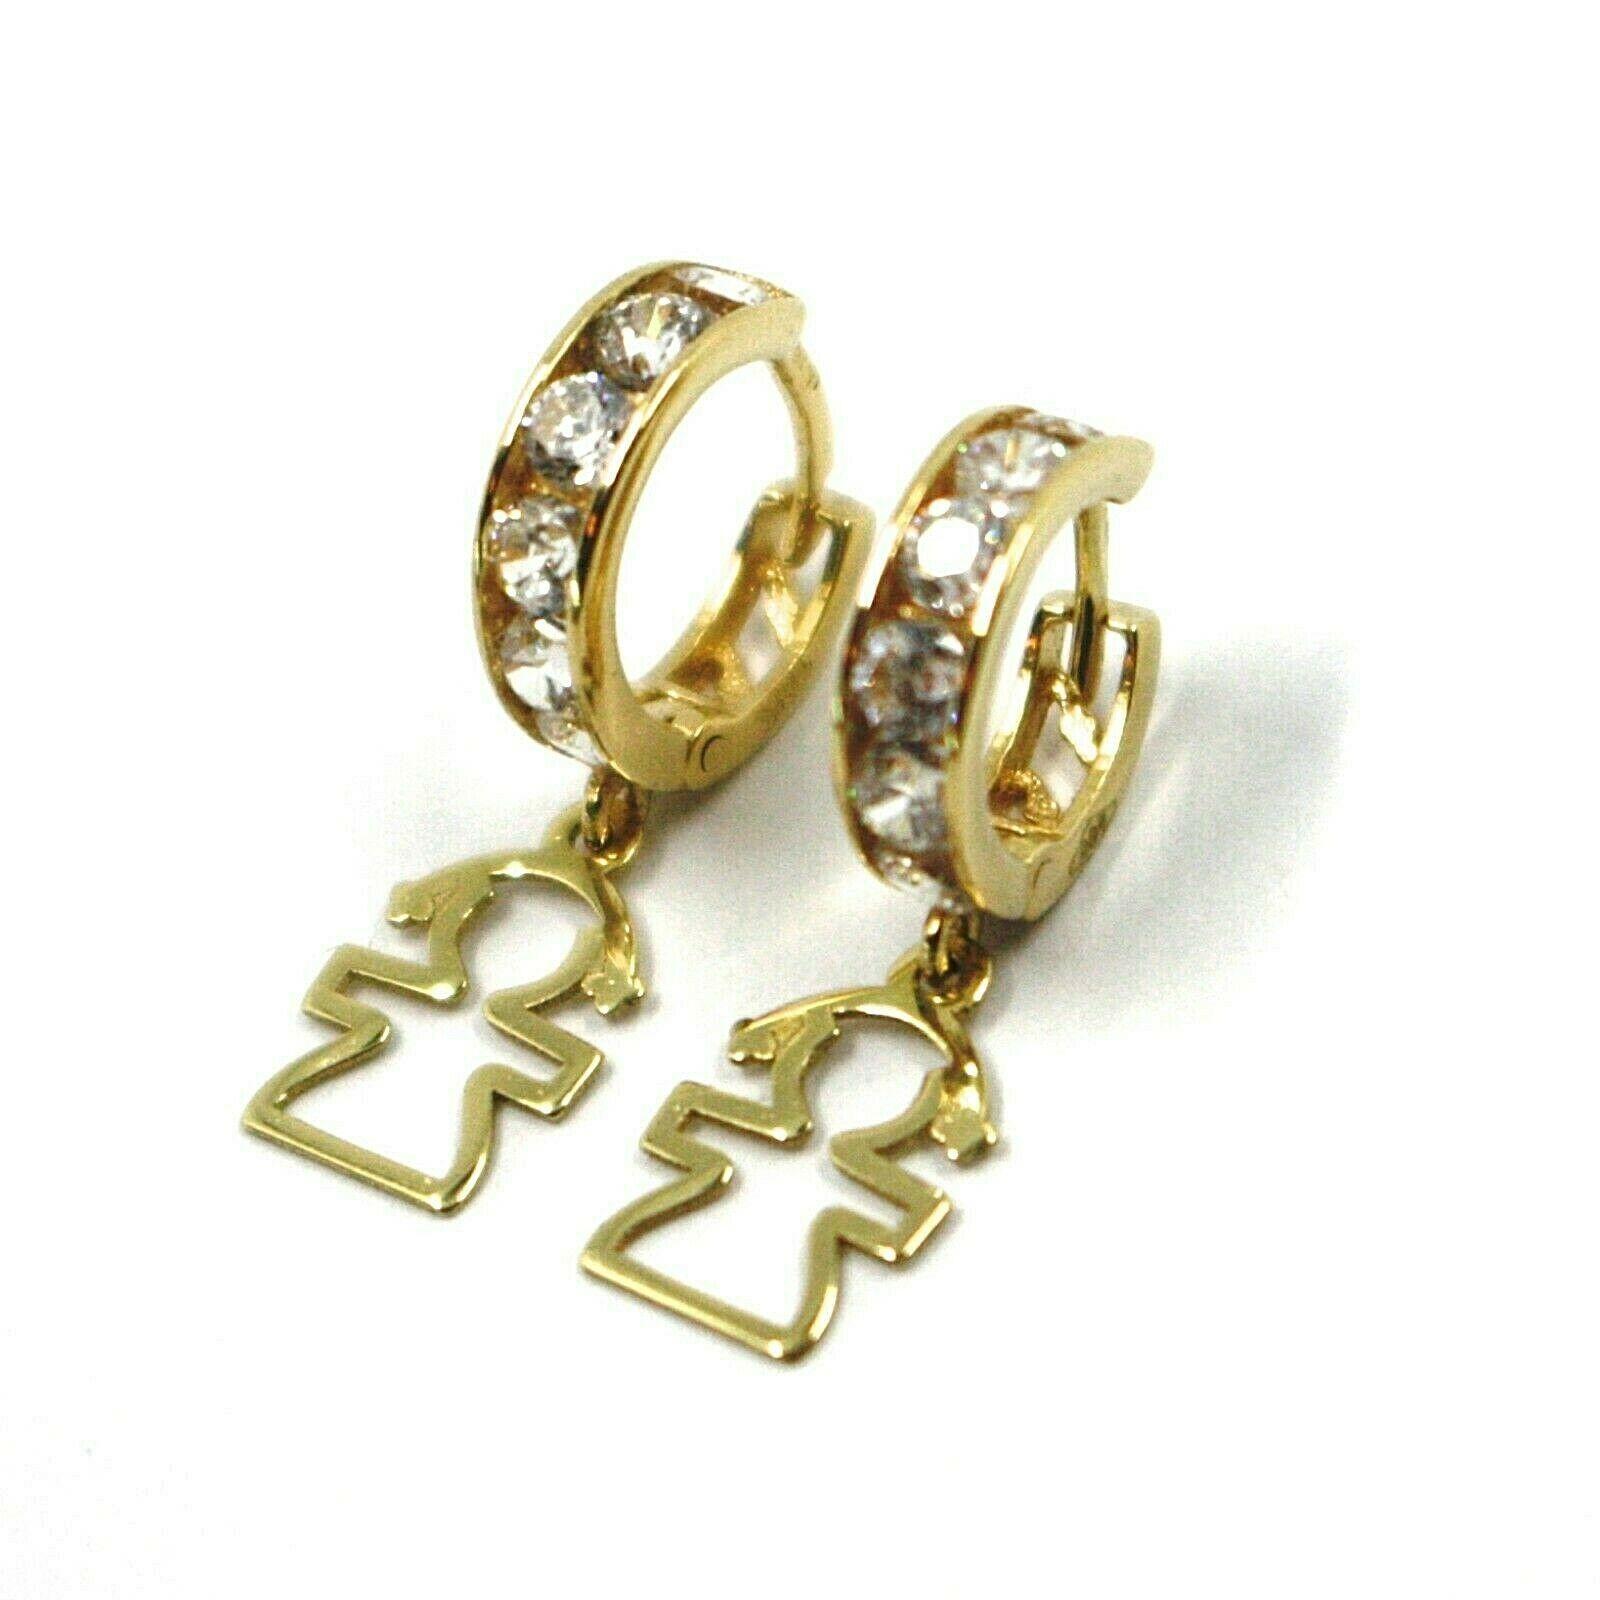 18K YELLOW GOLD PENDANT EARRINGS, MINI CUBIC ZIRCONIA HOOPS WITH GIRL PENDANT